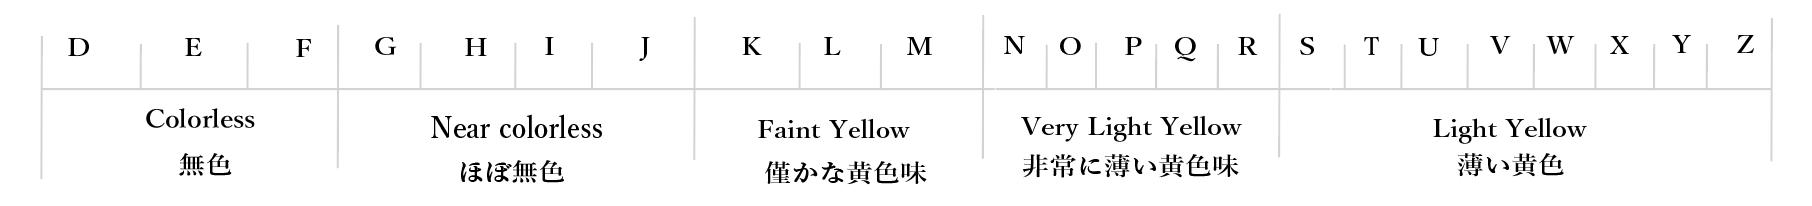 ダイヤモンド・カラーグレード表